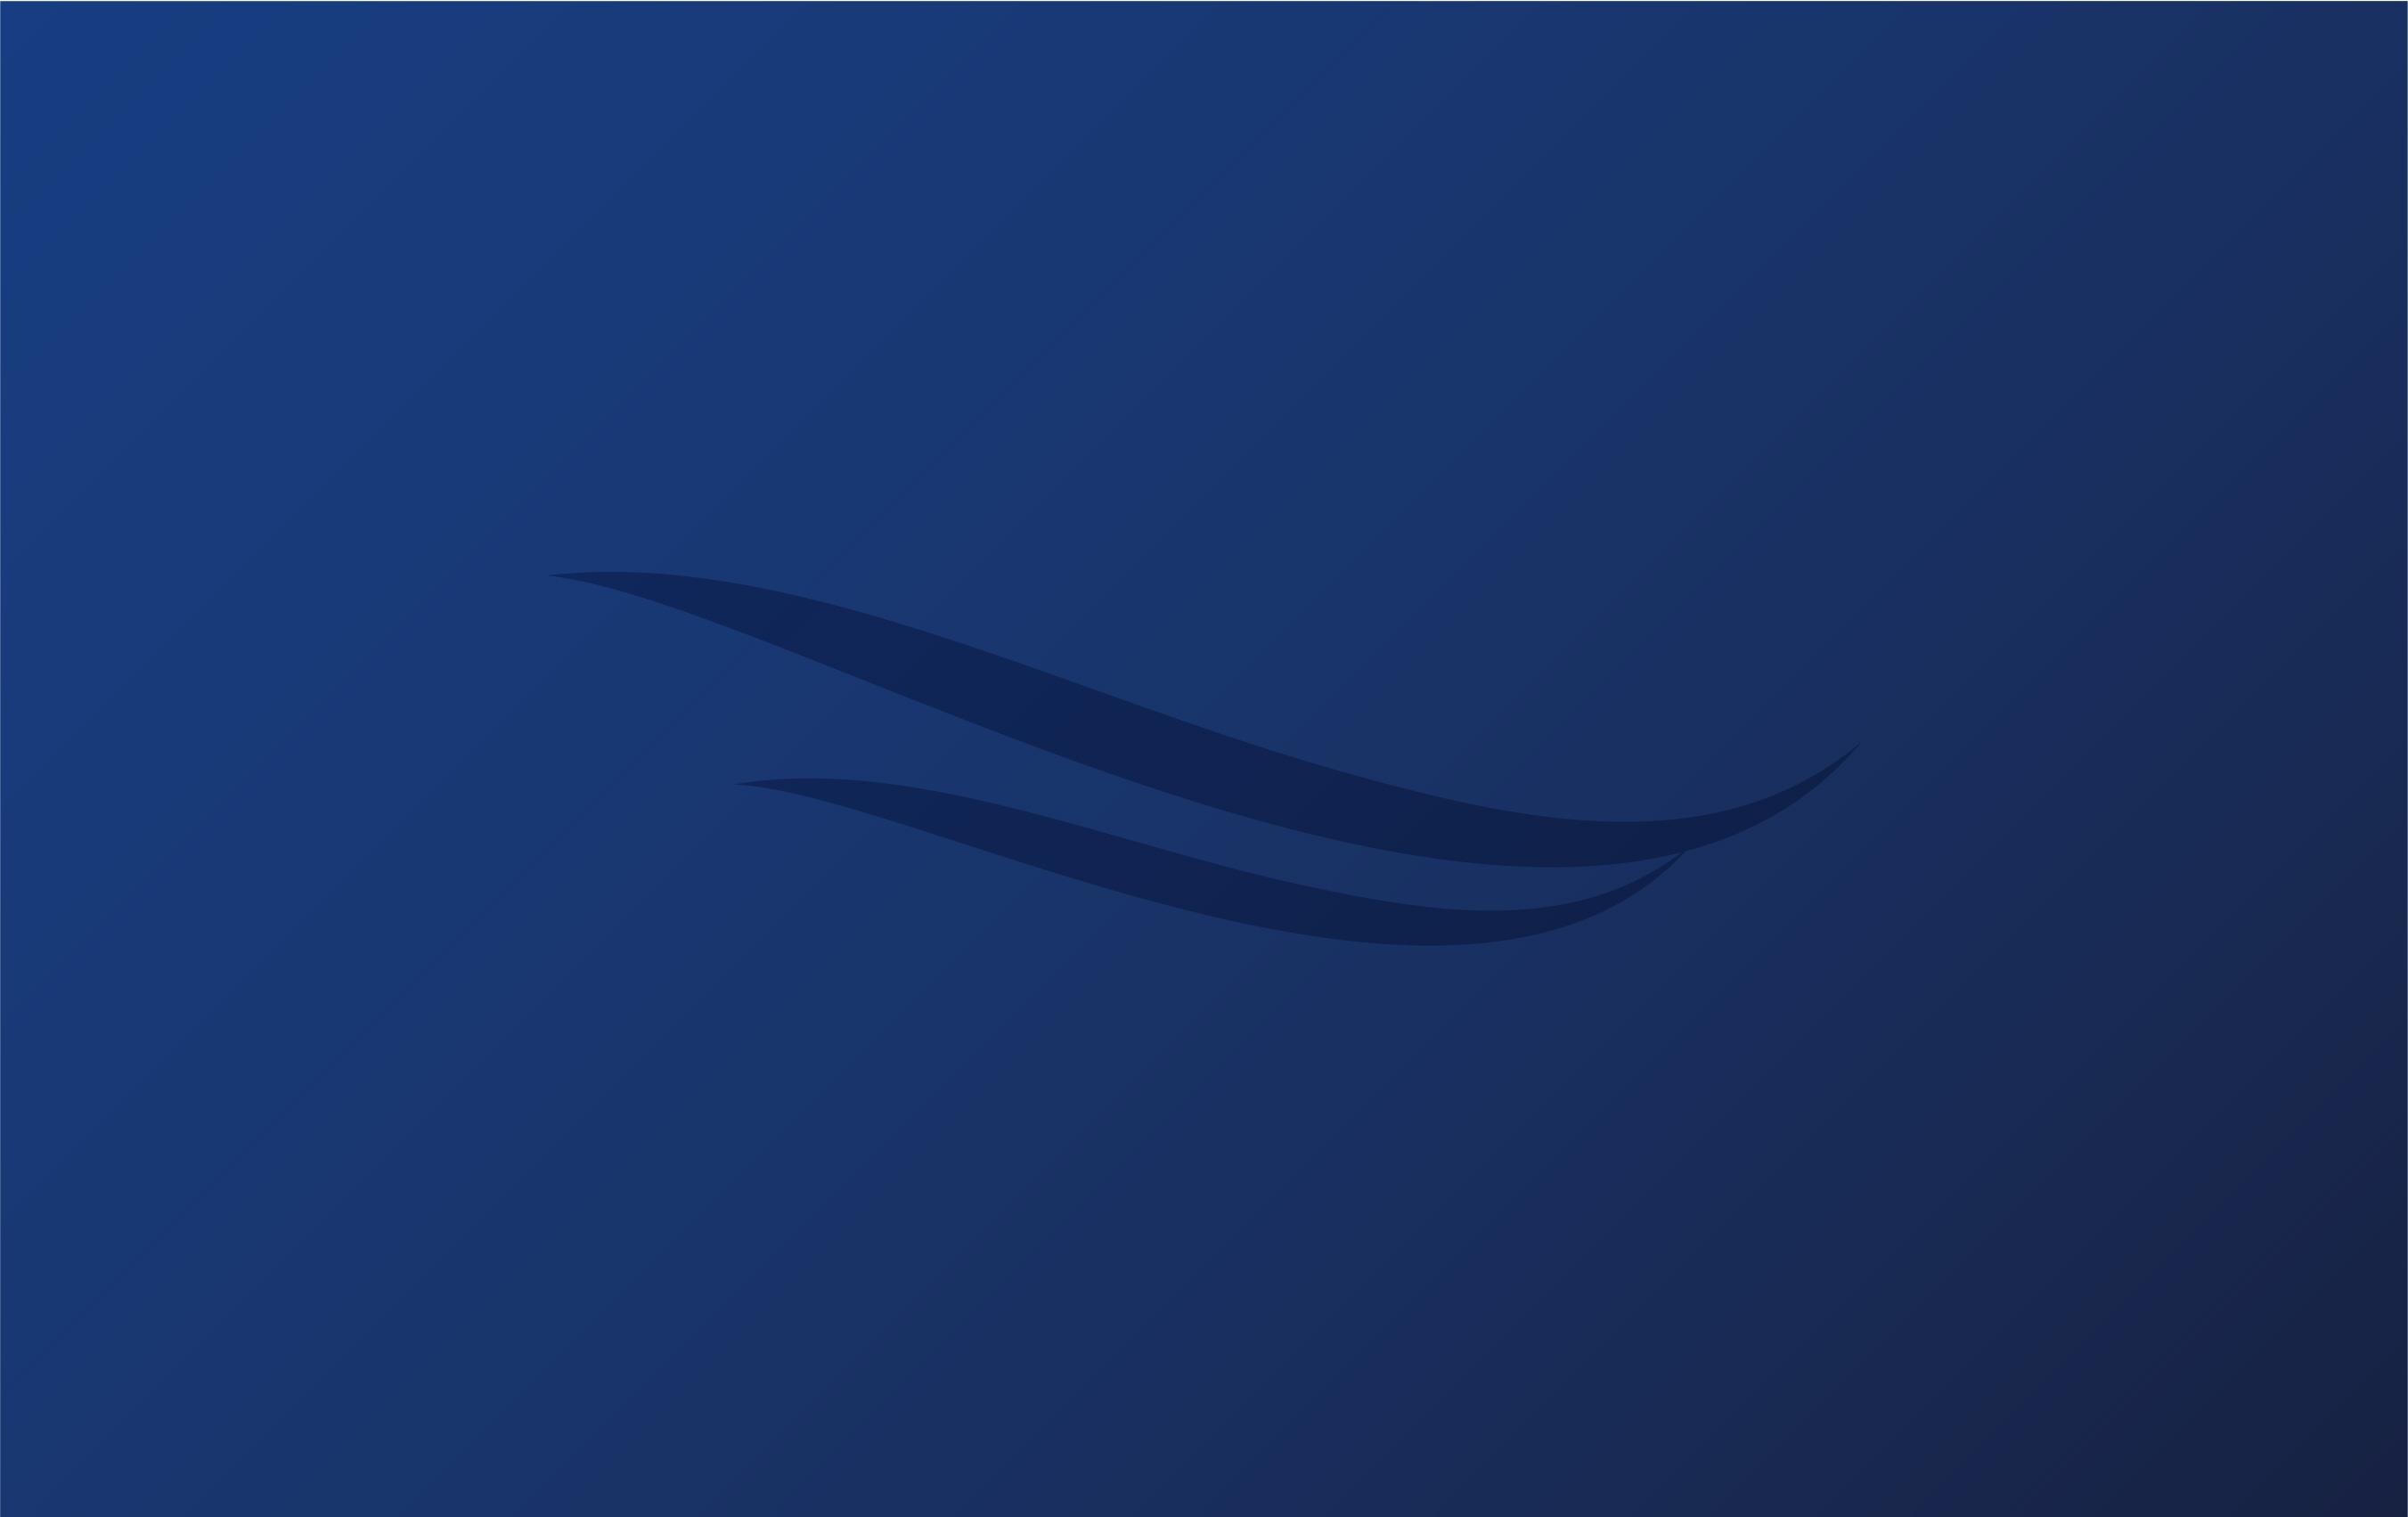 Decreto Crescita: Scheda sintetica ALIS sui principali contenuti di interesse